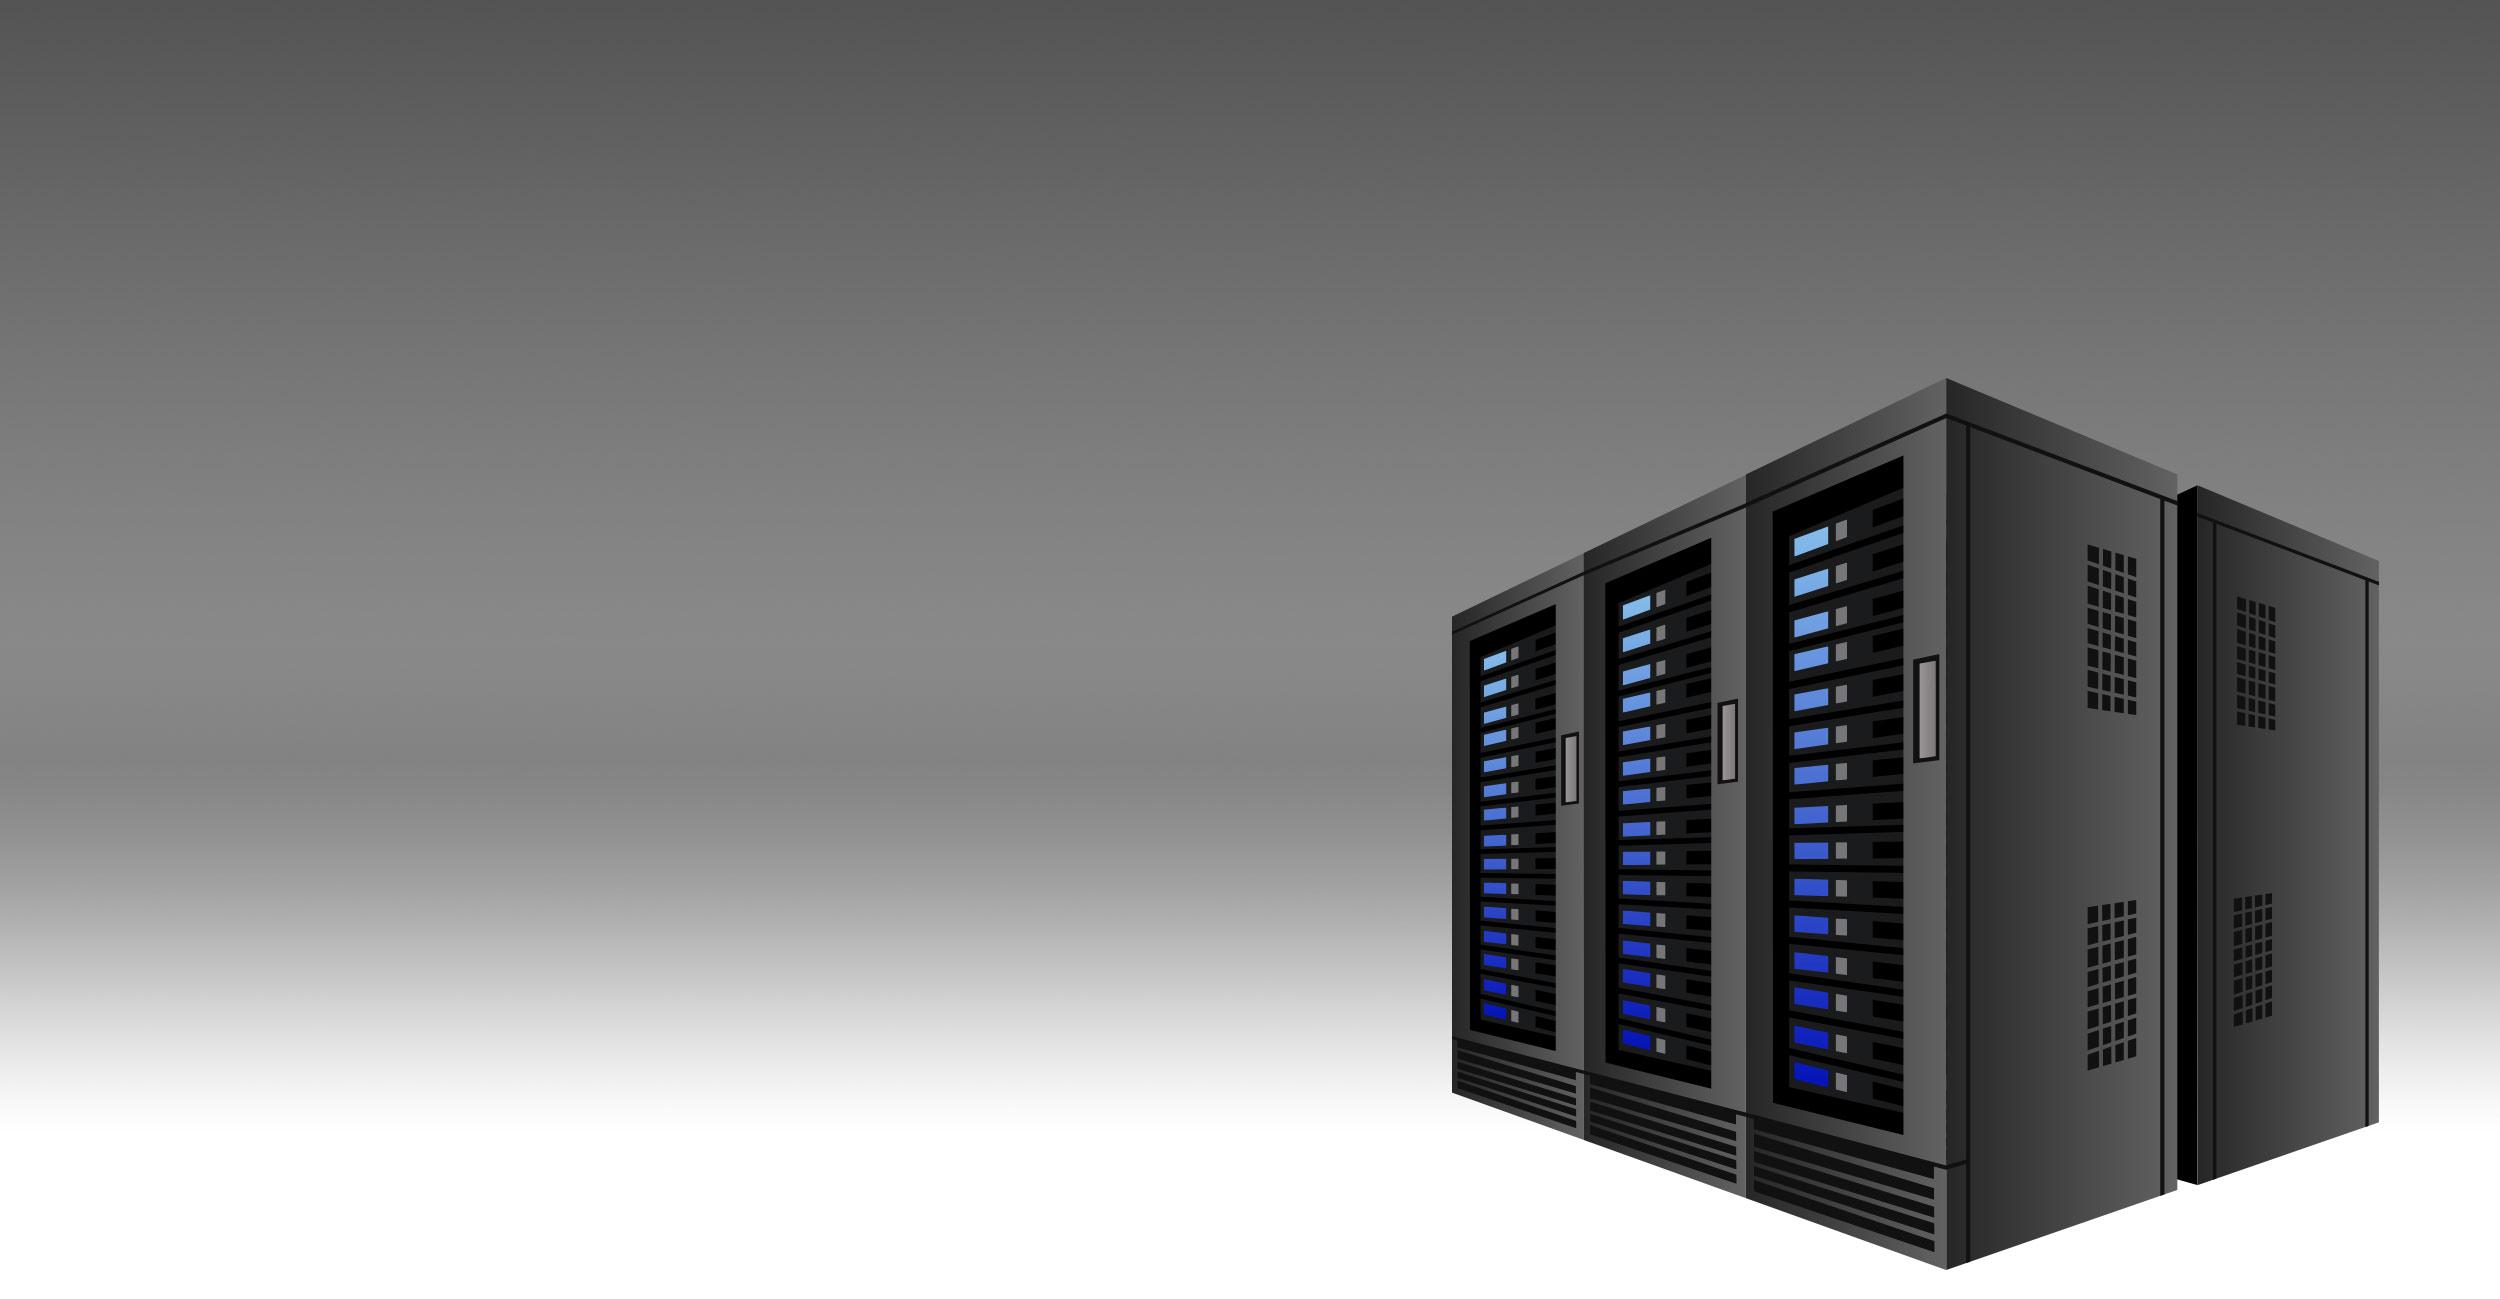 Servere og lagring